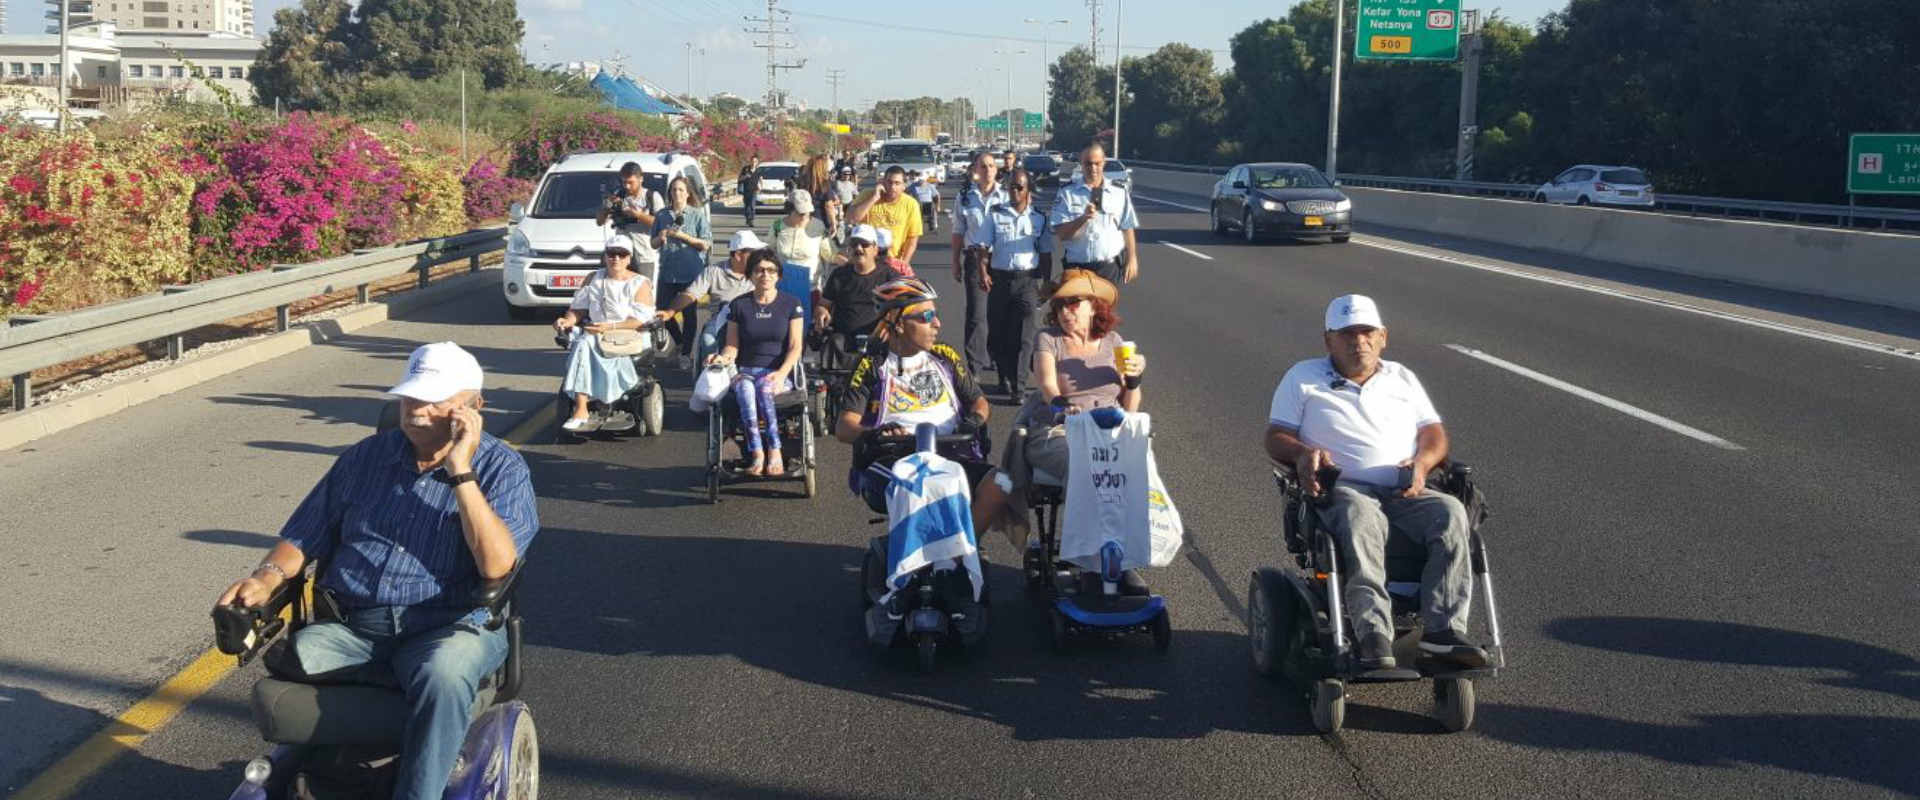 מפגינים חוסמים את כביש 4, בחודש שעבר